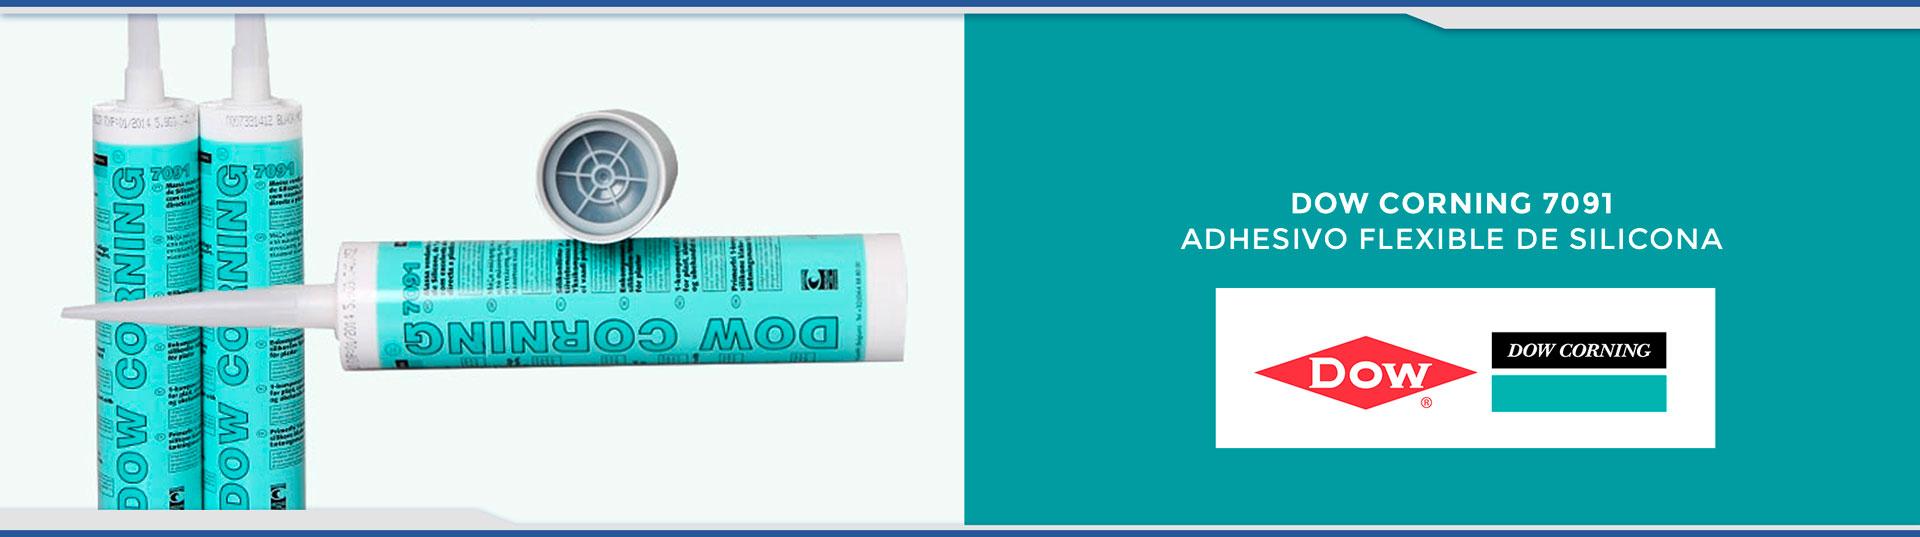 Dow Corning 7091 adhesivo flexible